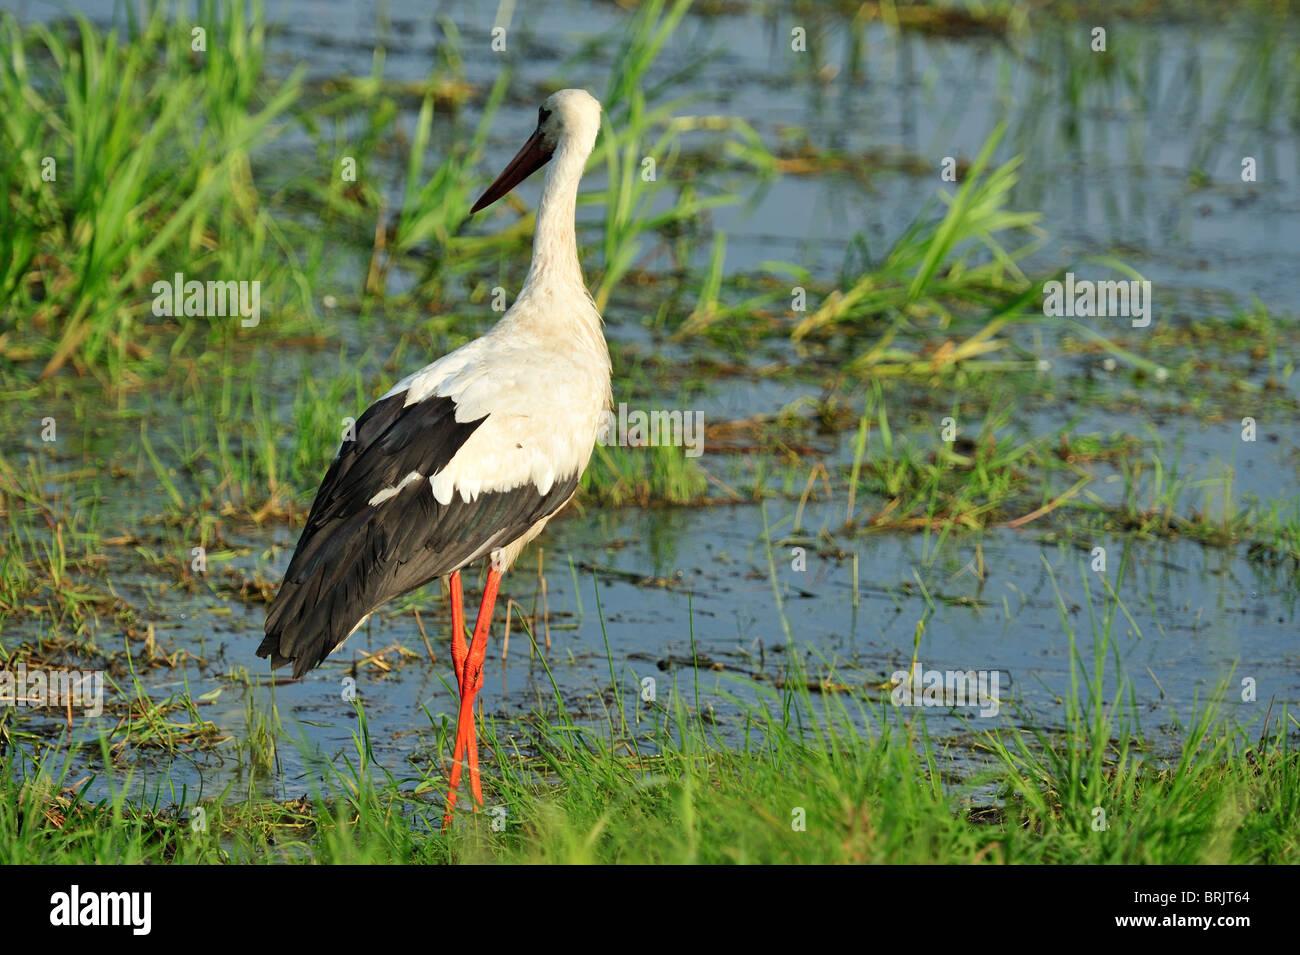 Storks stork in the Biebrza River Reservation in Podlasie Region, Poland - Stock Image